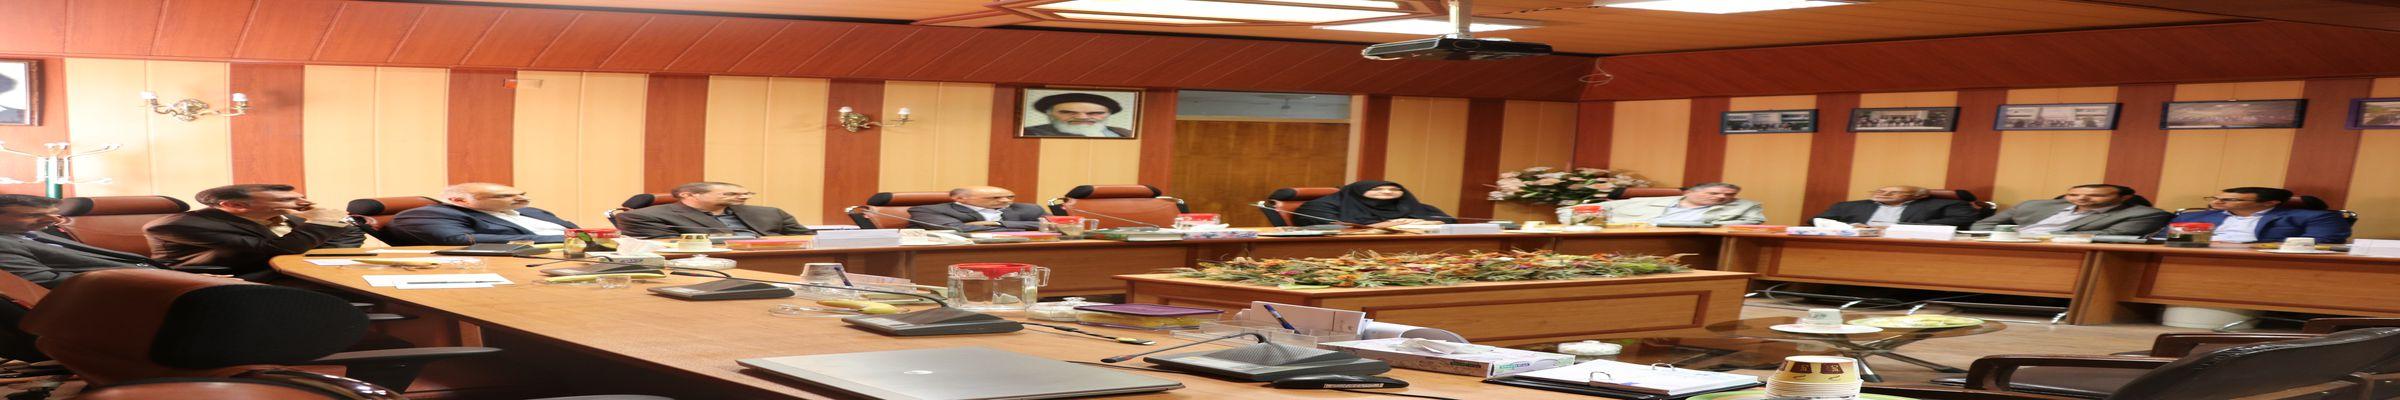 مهلت یک ماهه شورای شهر کرمان به نهادهای مرتبط؛  فرآیند جمع آوری و دفن زباله های عفونی اجرا شود